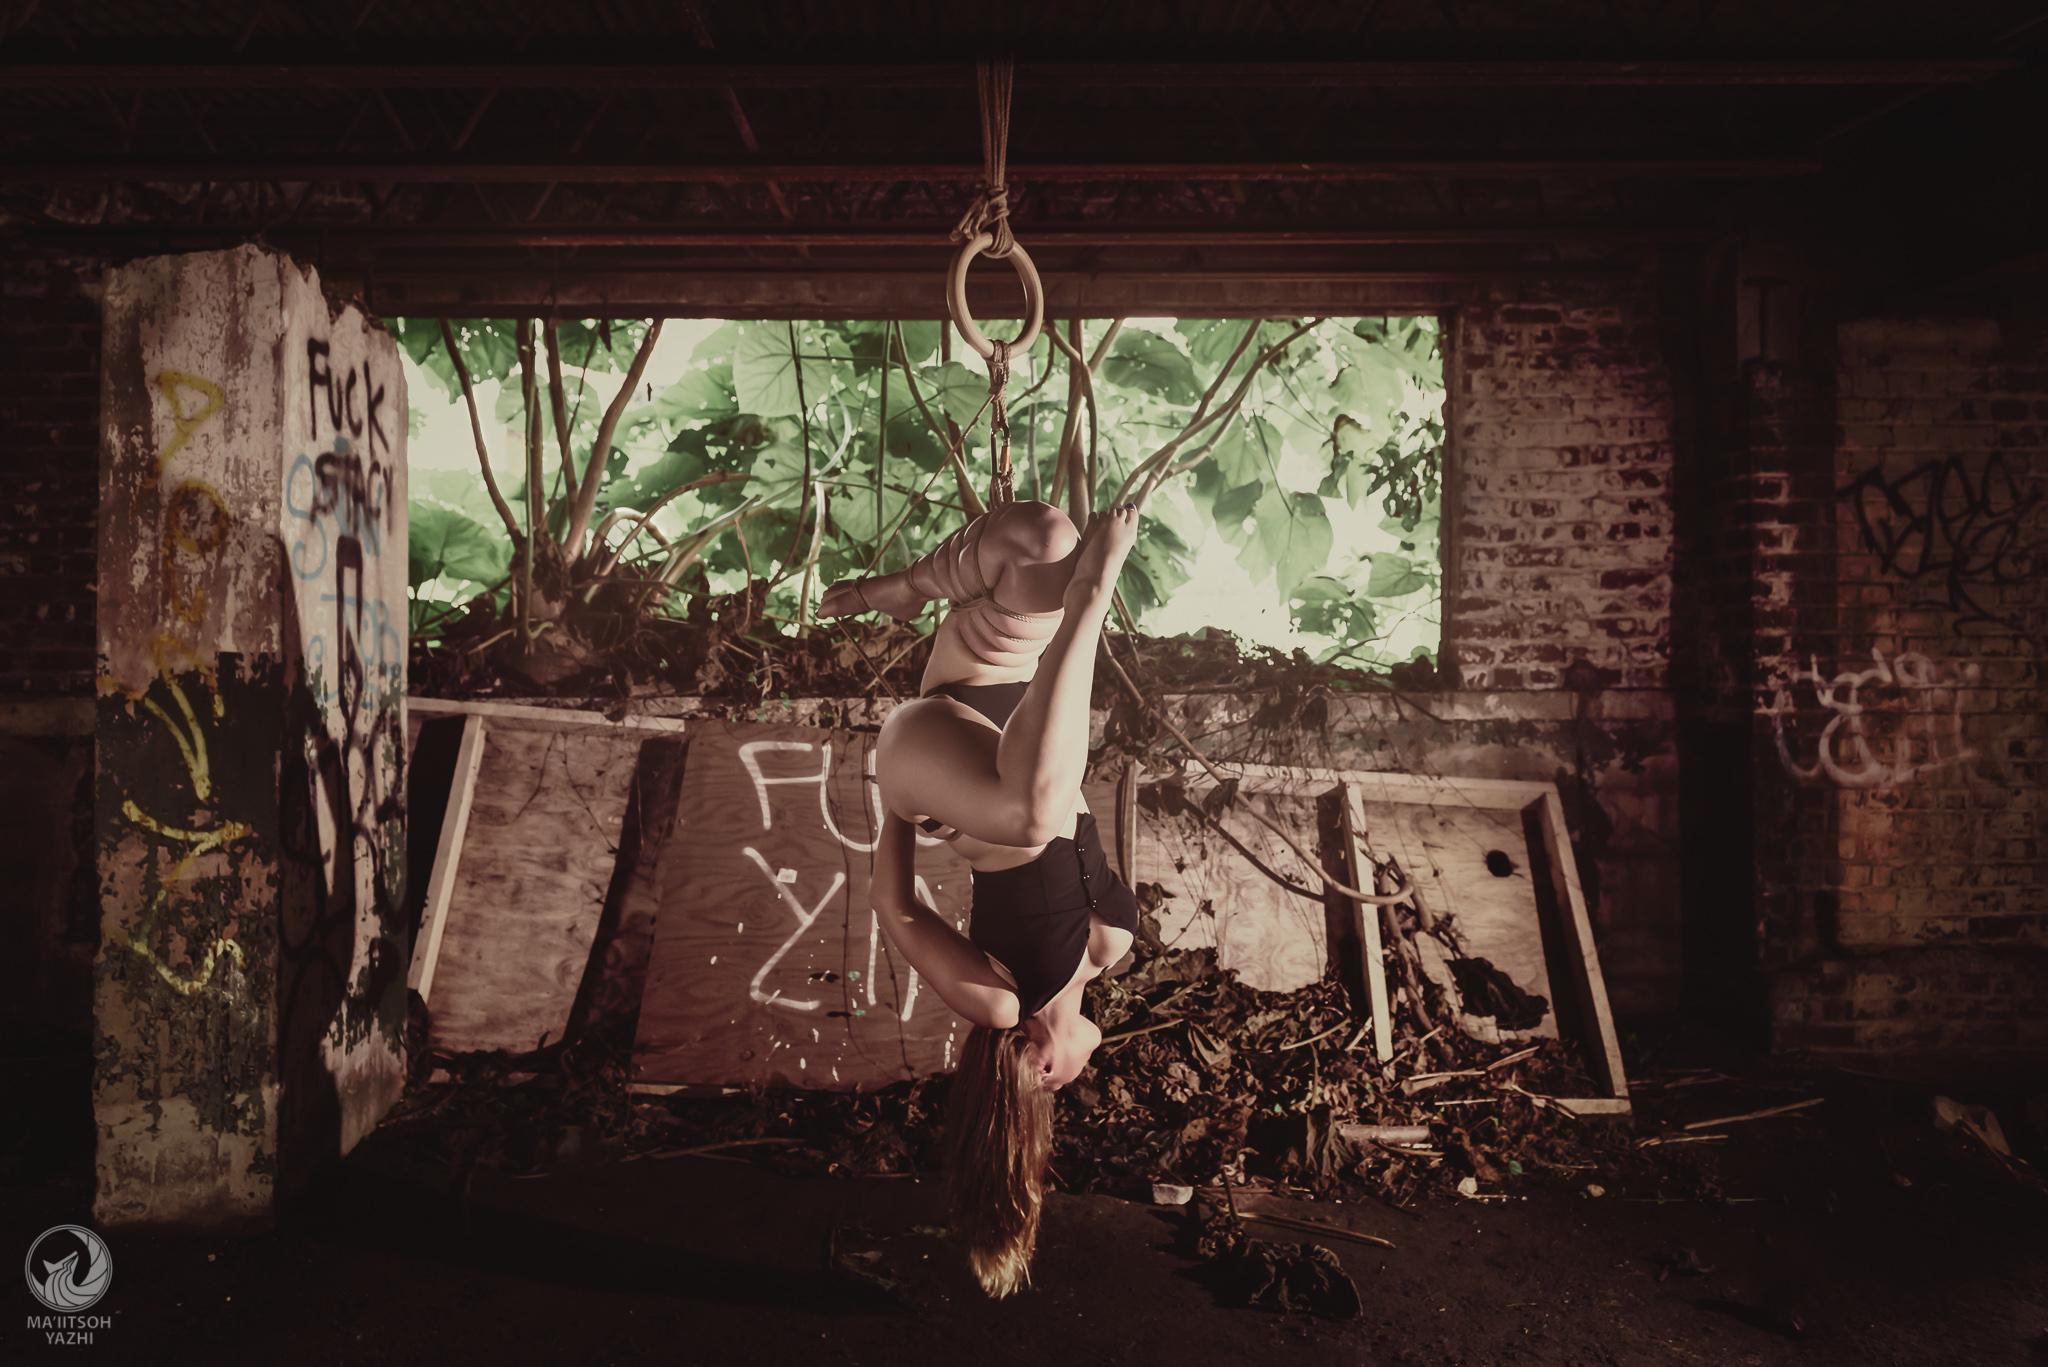 Eldritch Decay (Full Gallery)